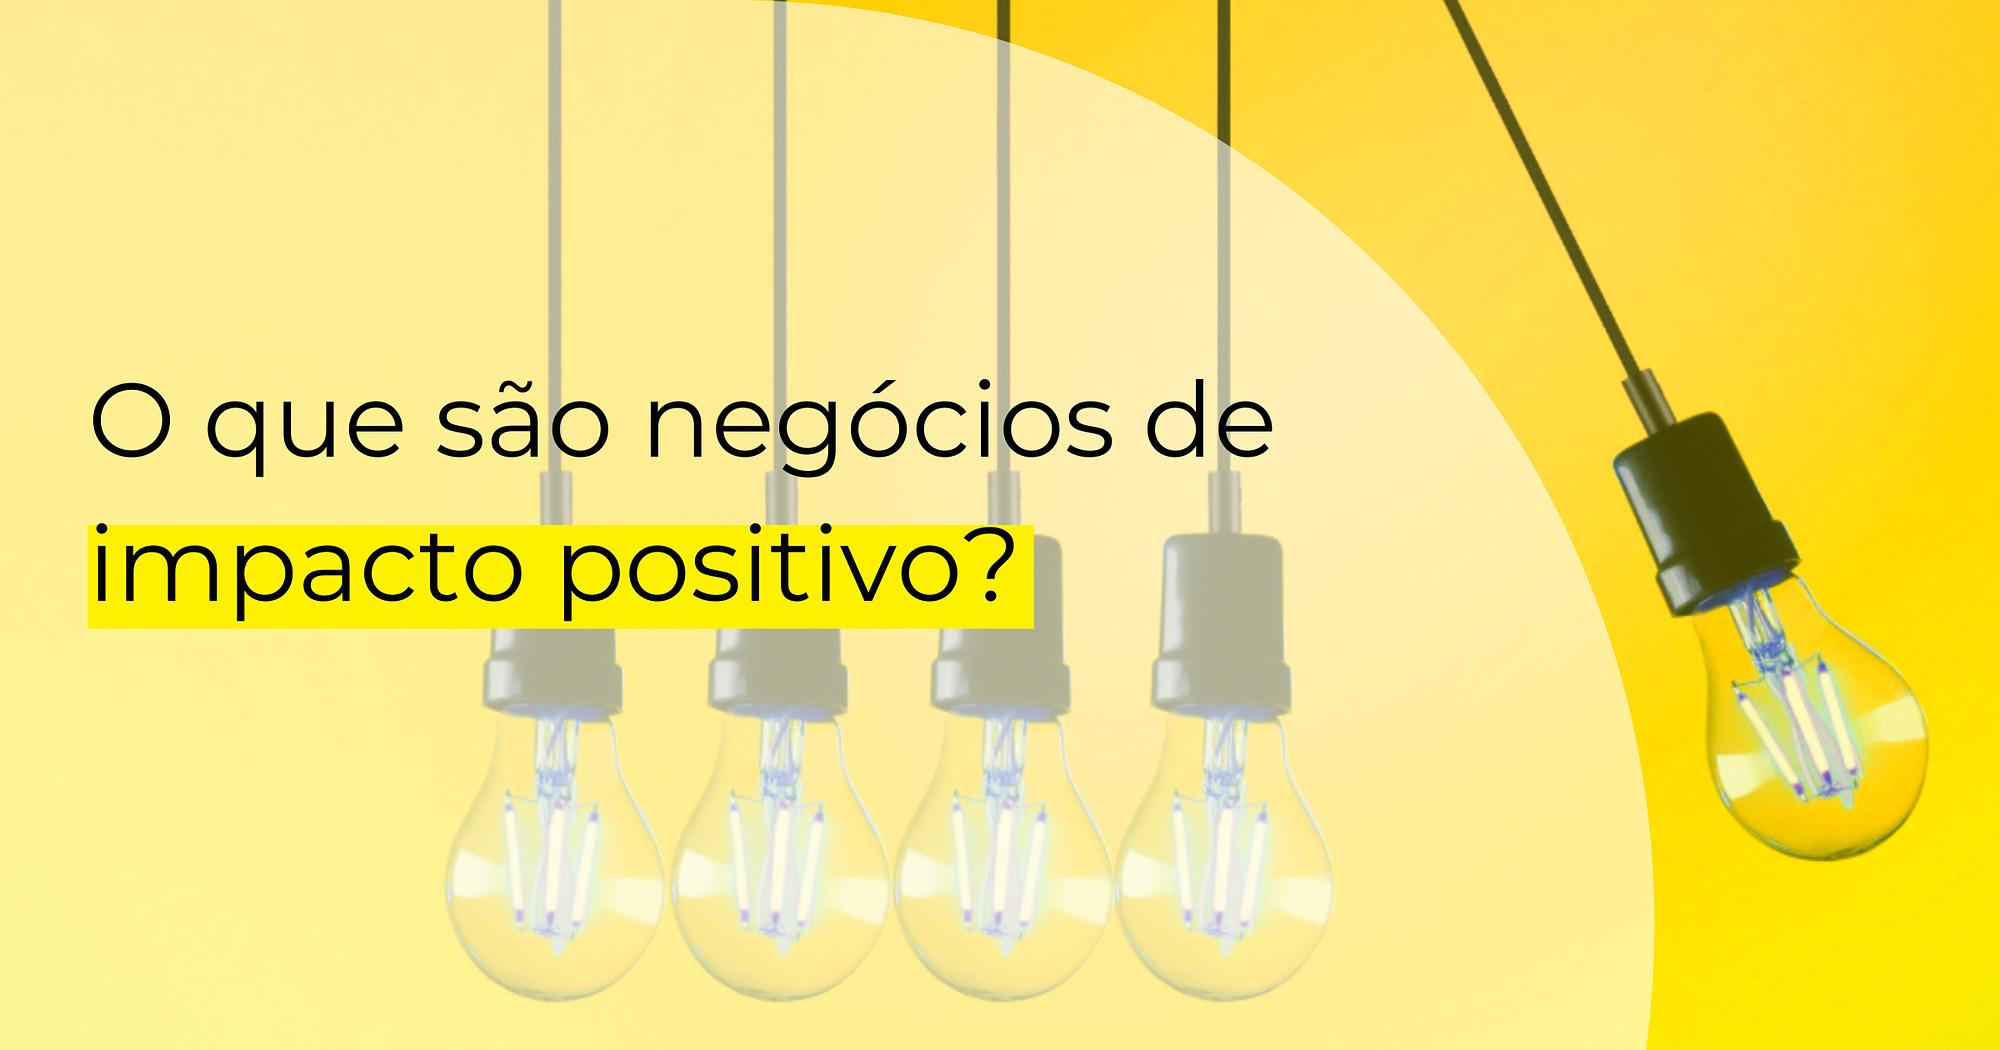 """Cinco lâmpadas suspensas em fundo amarelo. O texto sobreposto questiona """"O que são negócios de impacto positivo?"""""""